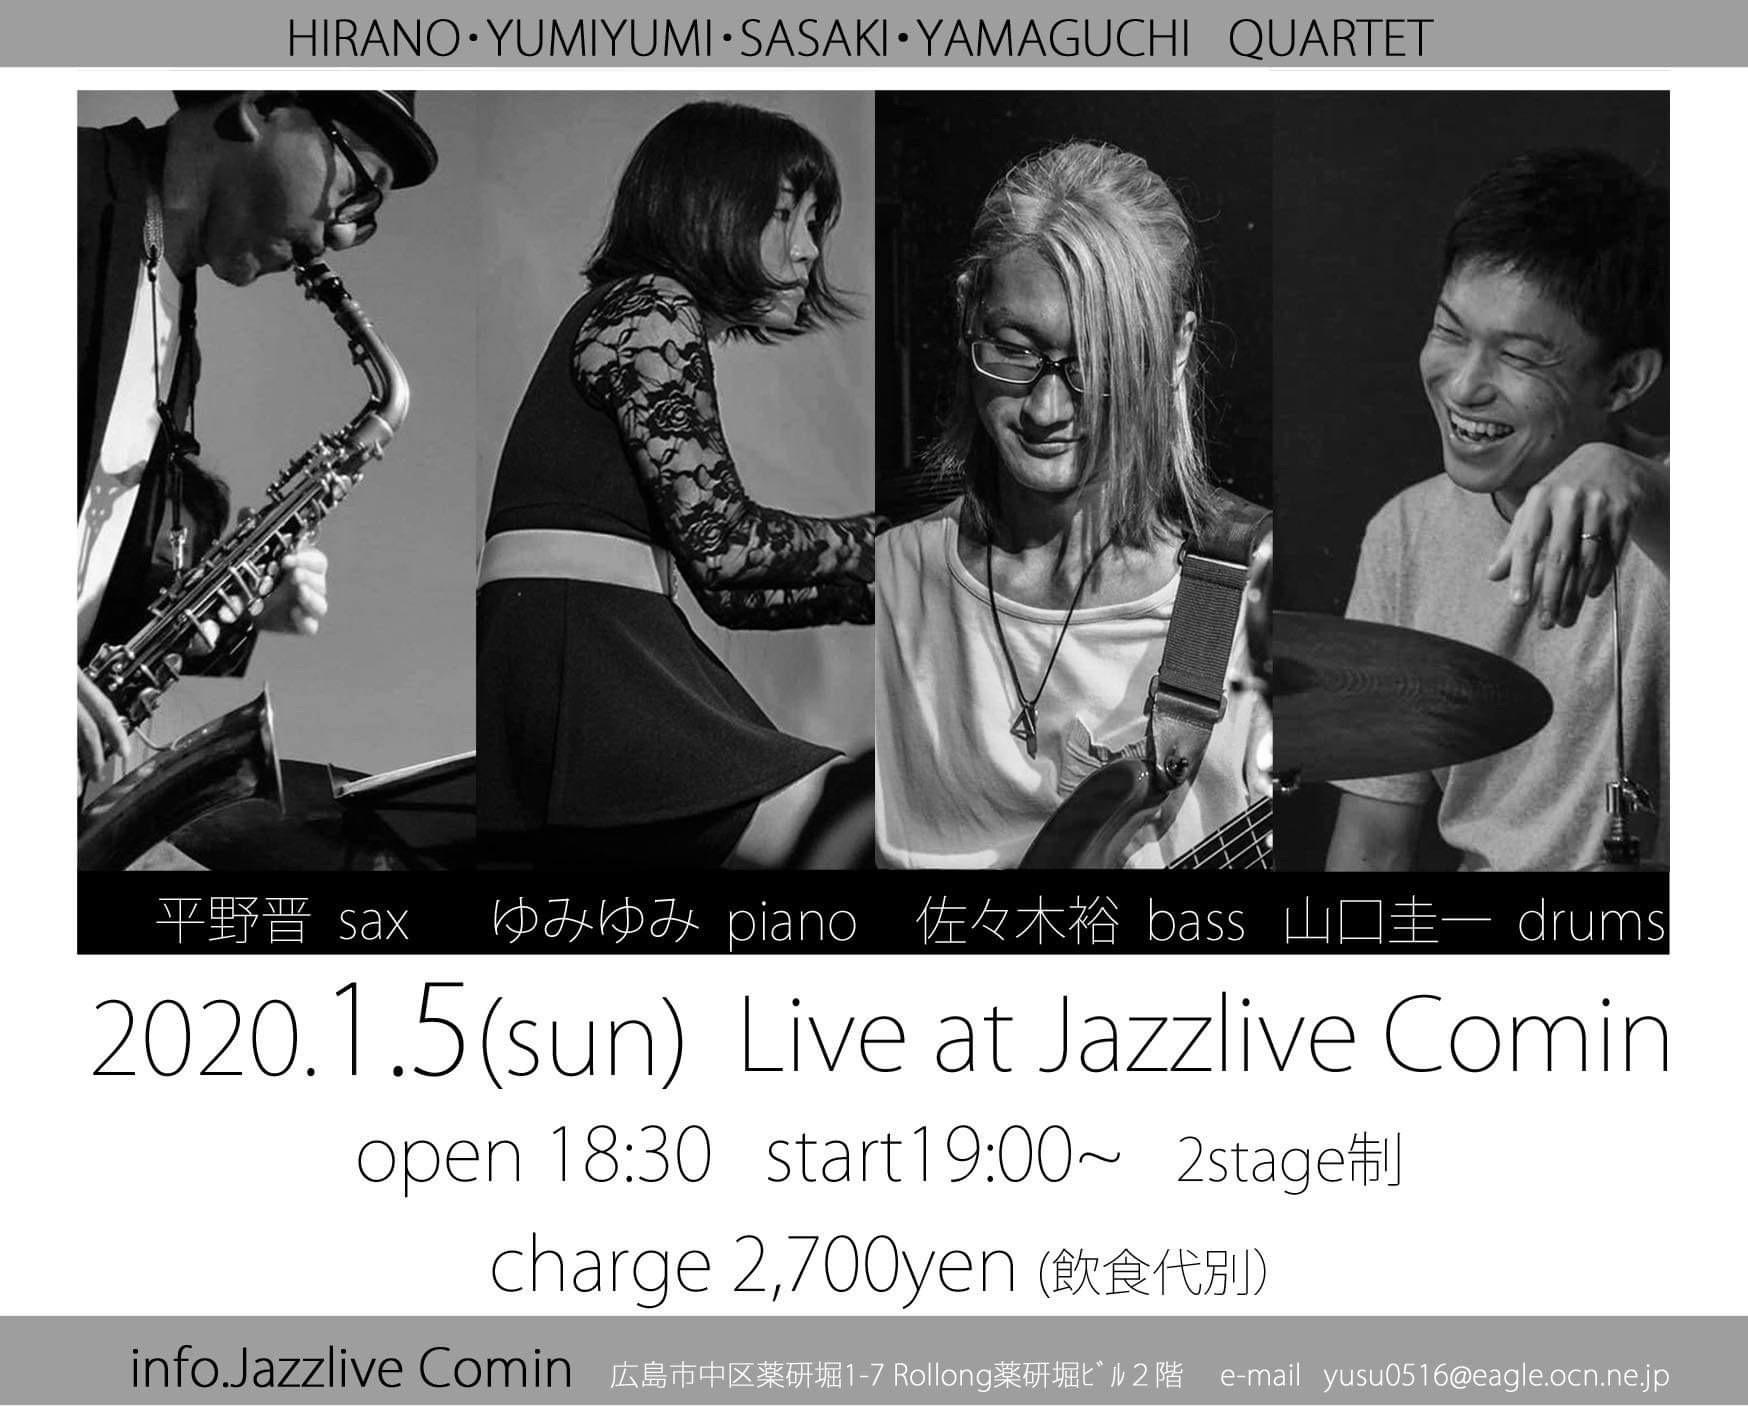 広島 ジャズライブカミンJazzlive Comin 1月5日本日から営業いたします_b0115606_13001034.jpeg